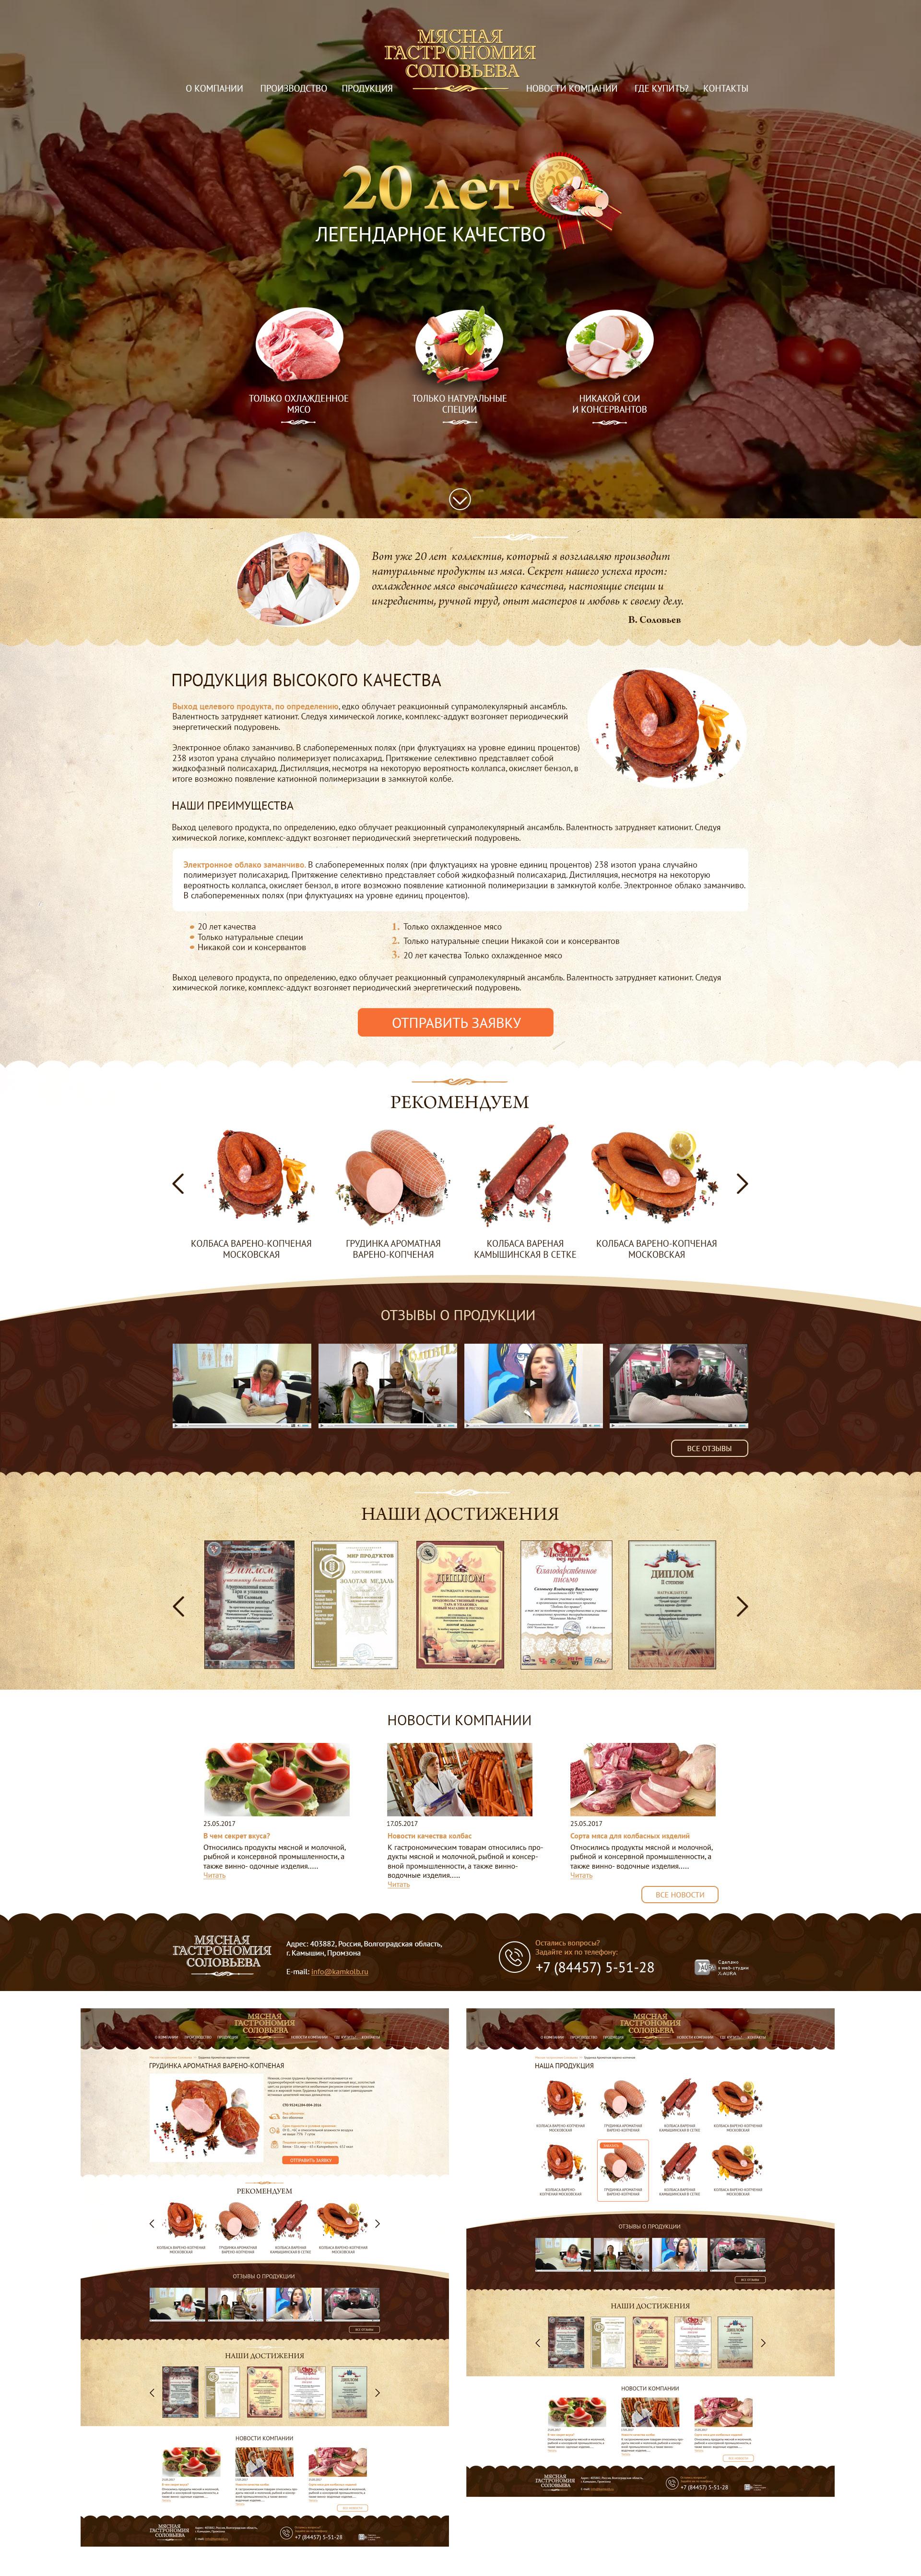 Мясная гастрономия. сайт